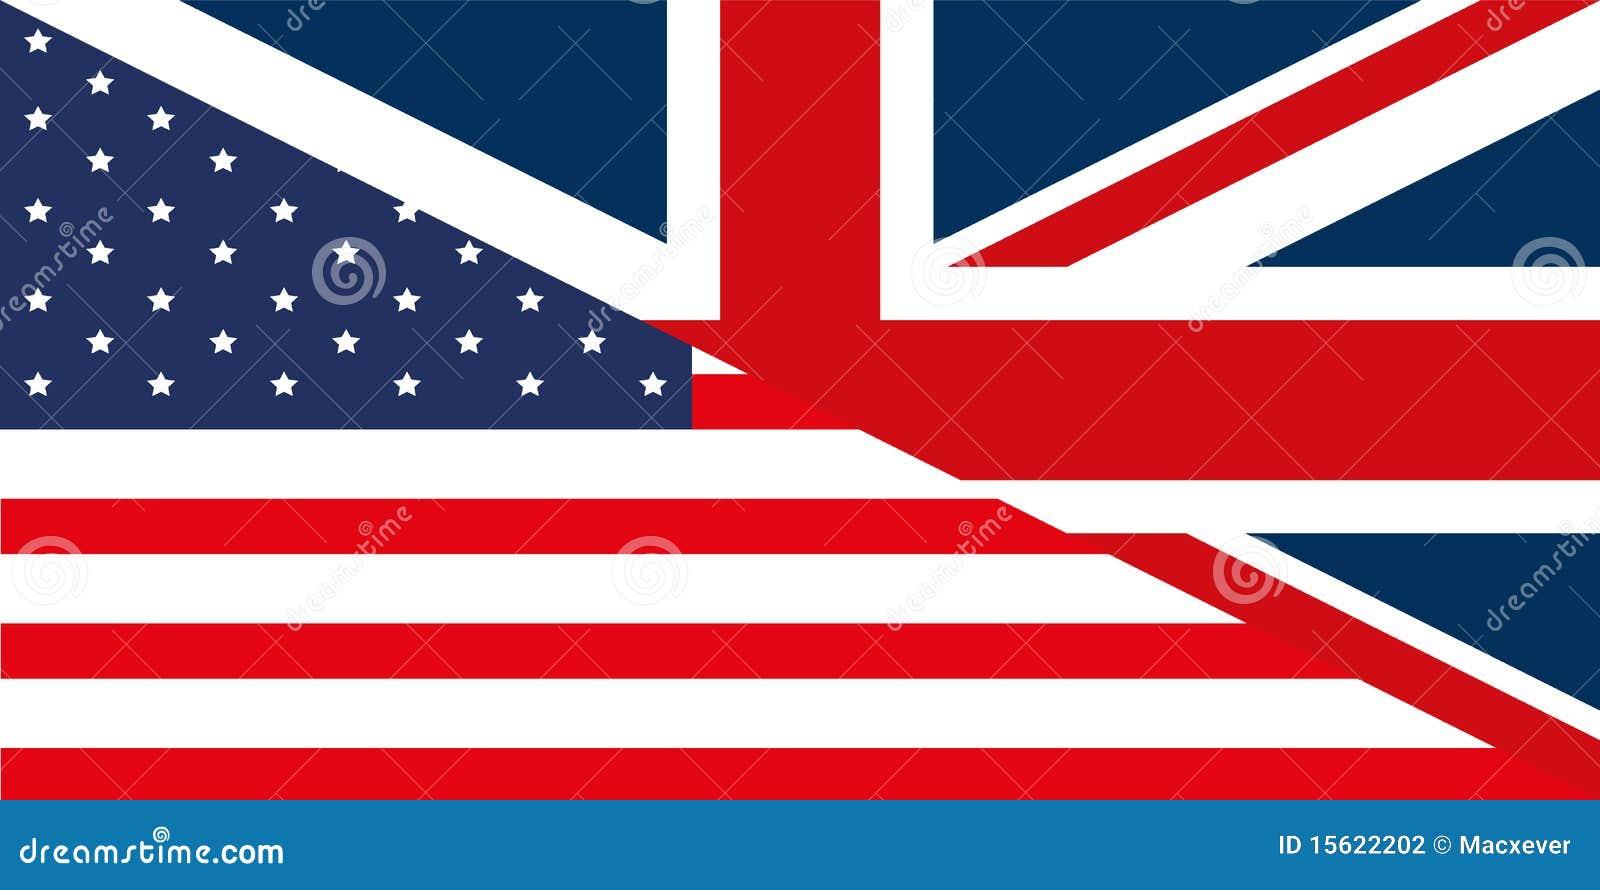 Les Etats-Unis - Indicateur de gigaoctet